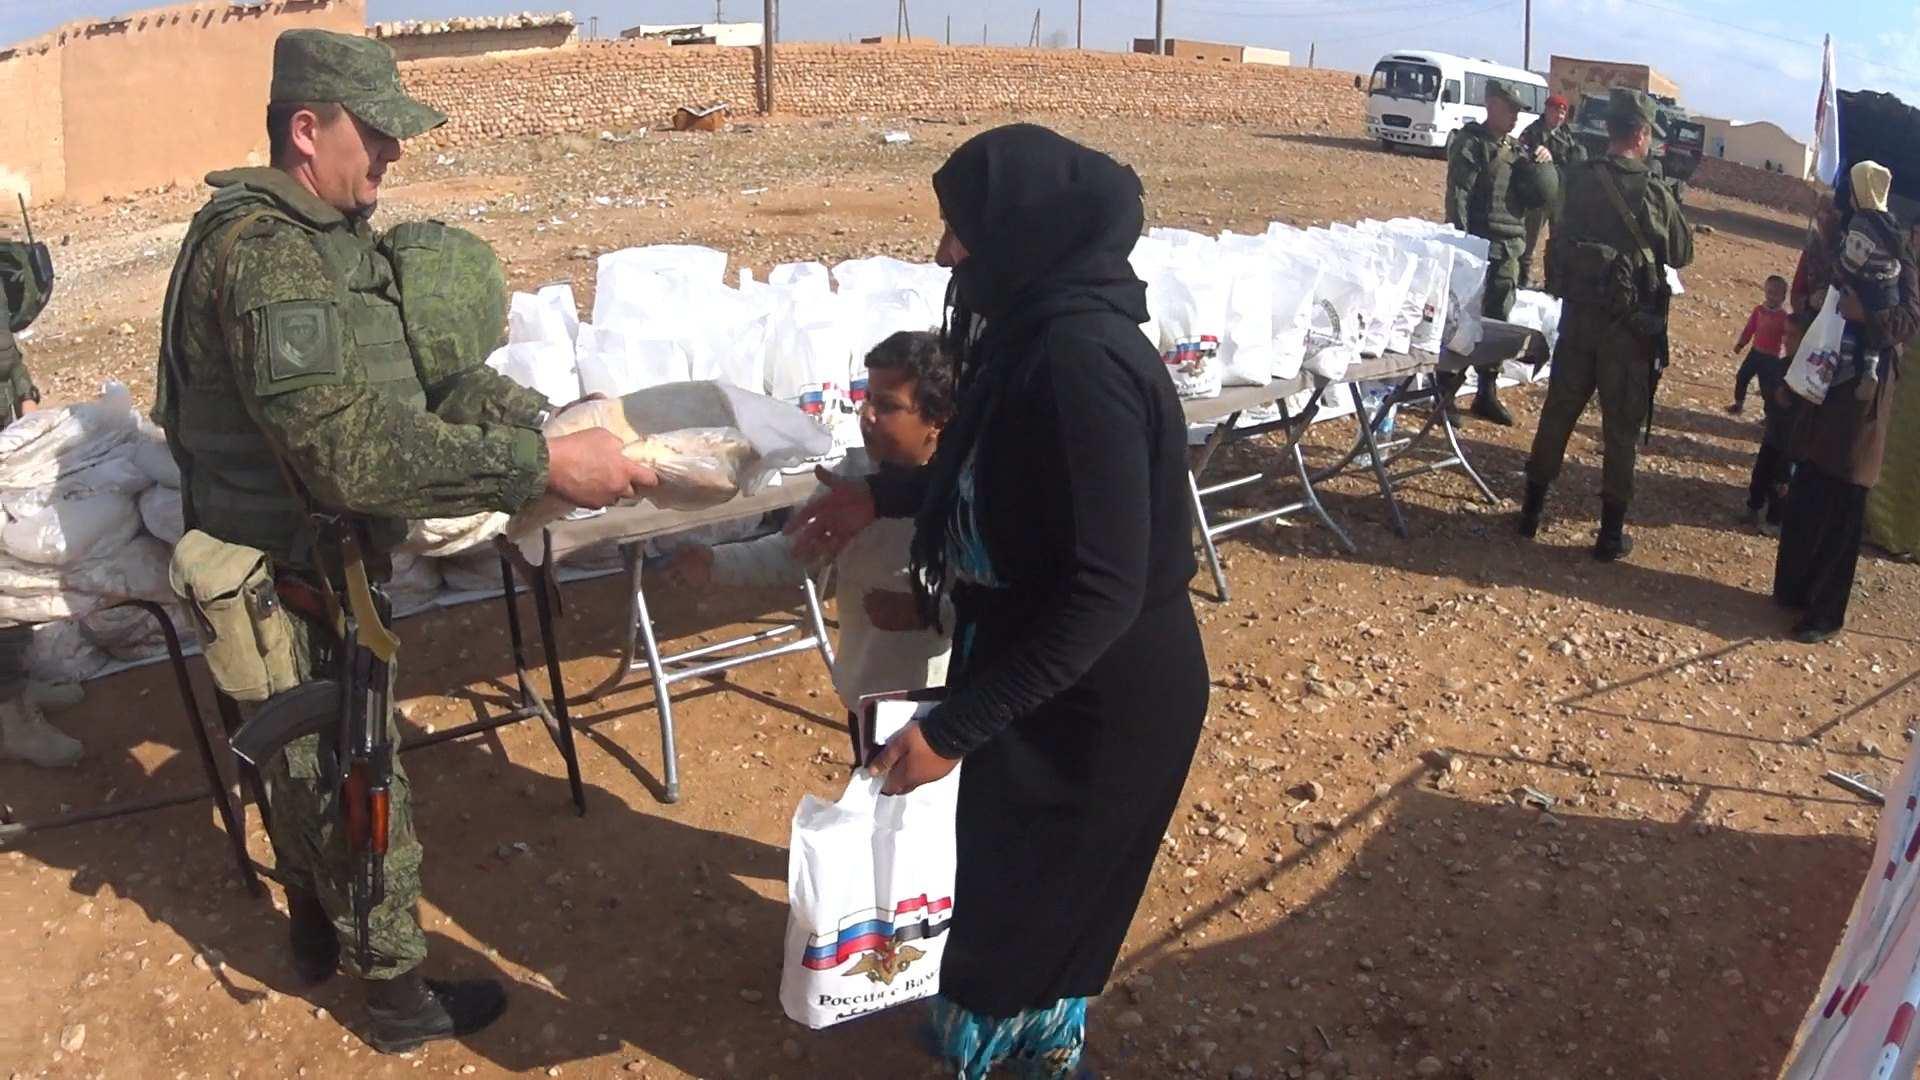 Несущие жизнь: Как российские военные спасают сирийцев (ФОТО) | Русская весна